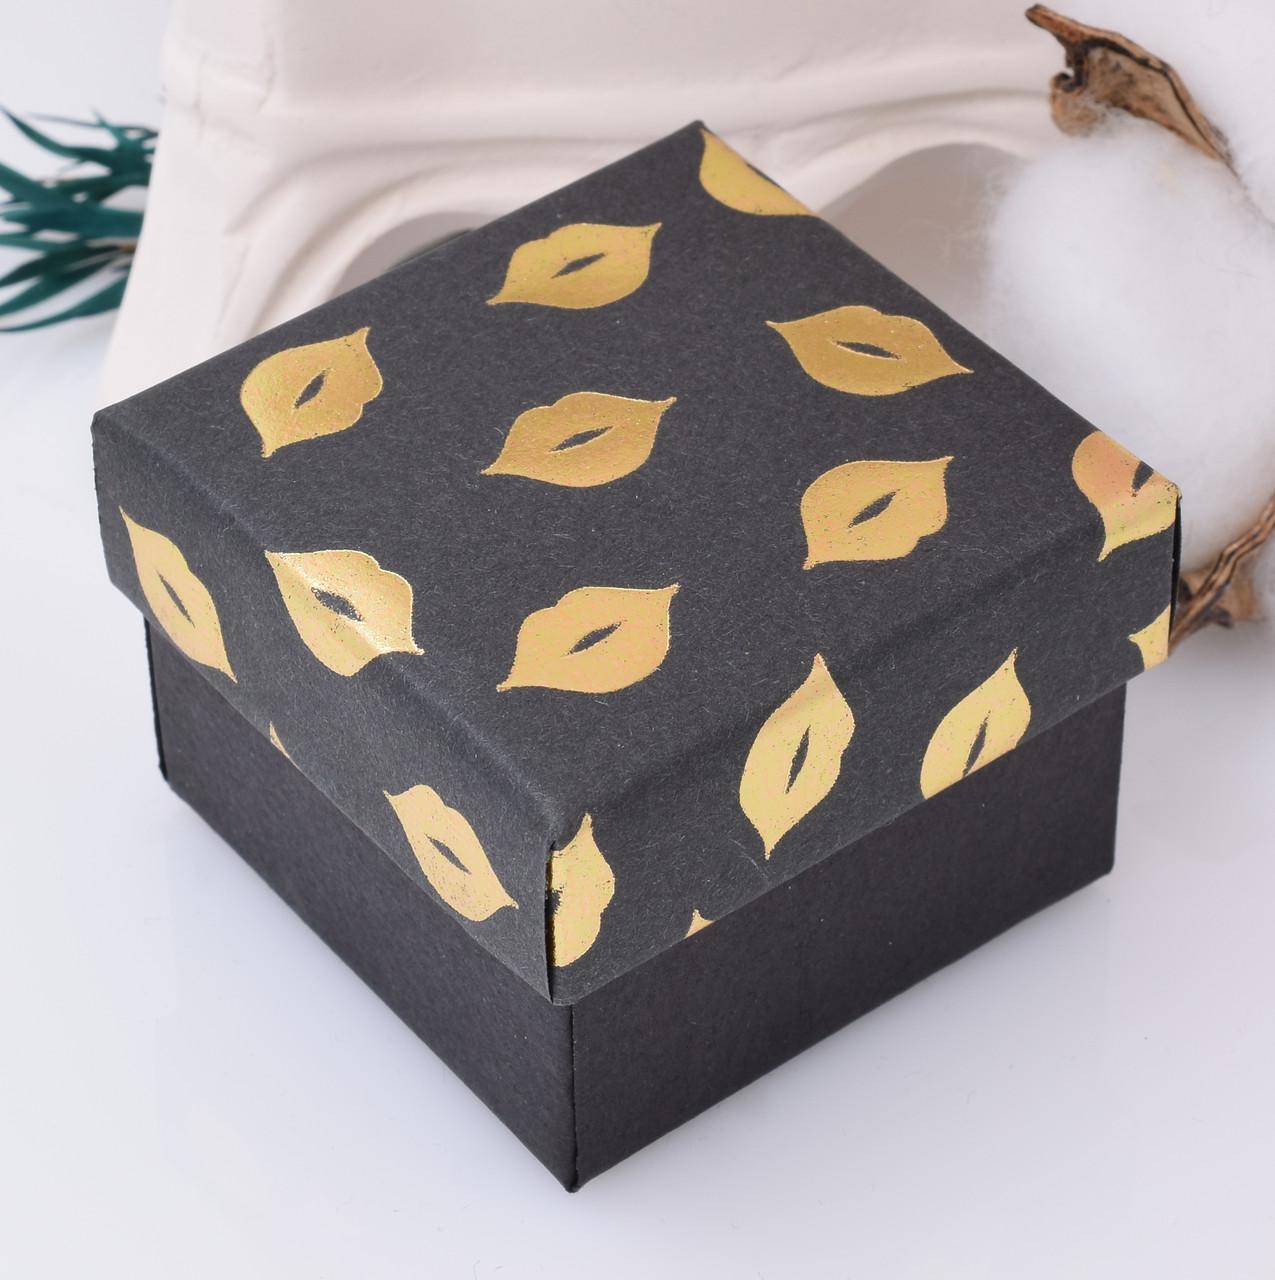 Коробочка маленькая для кольца серег 741174 цвет черный с золотым размер 5х5 см